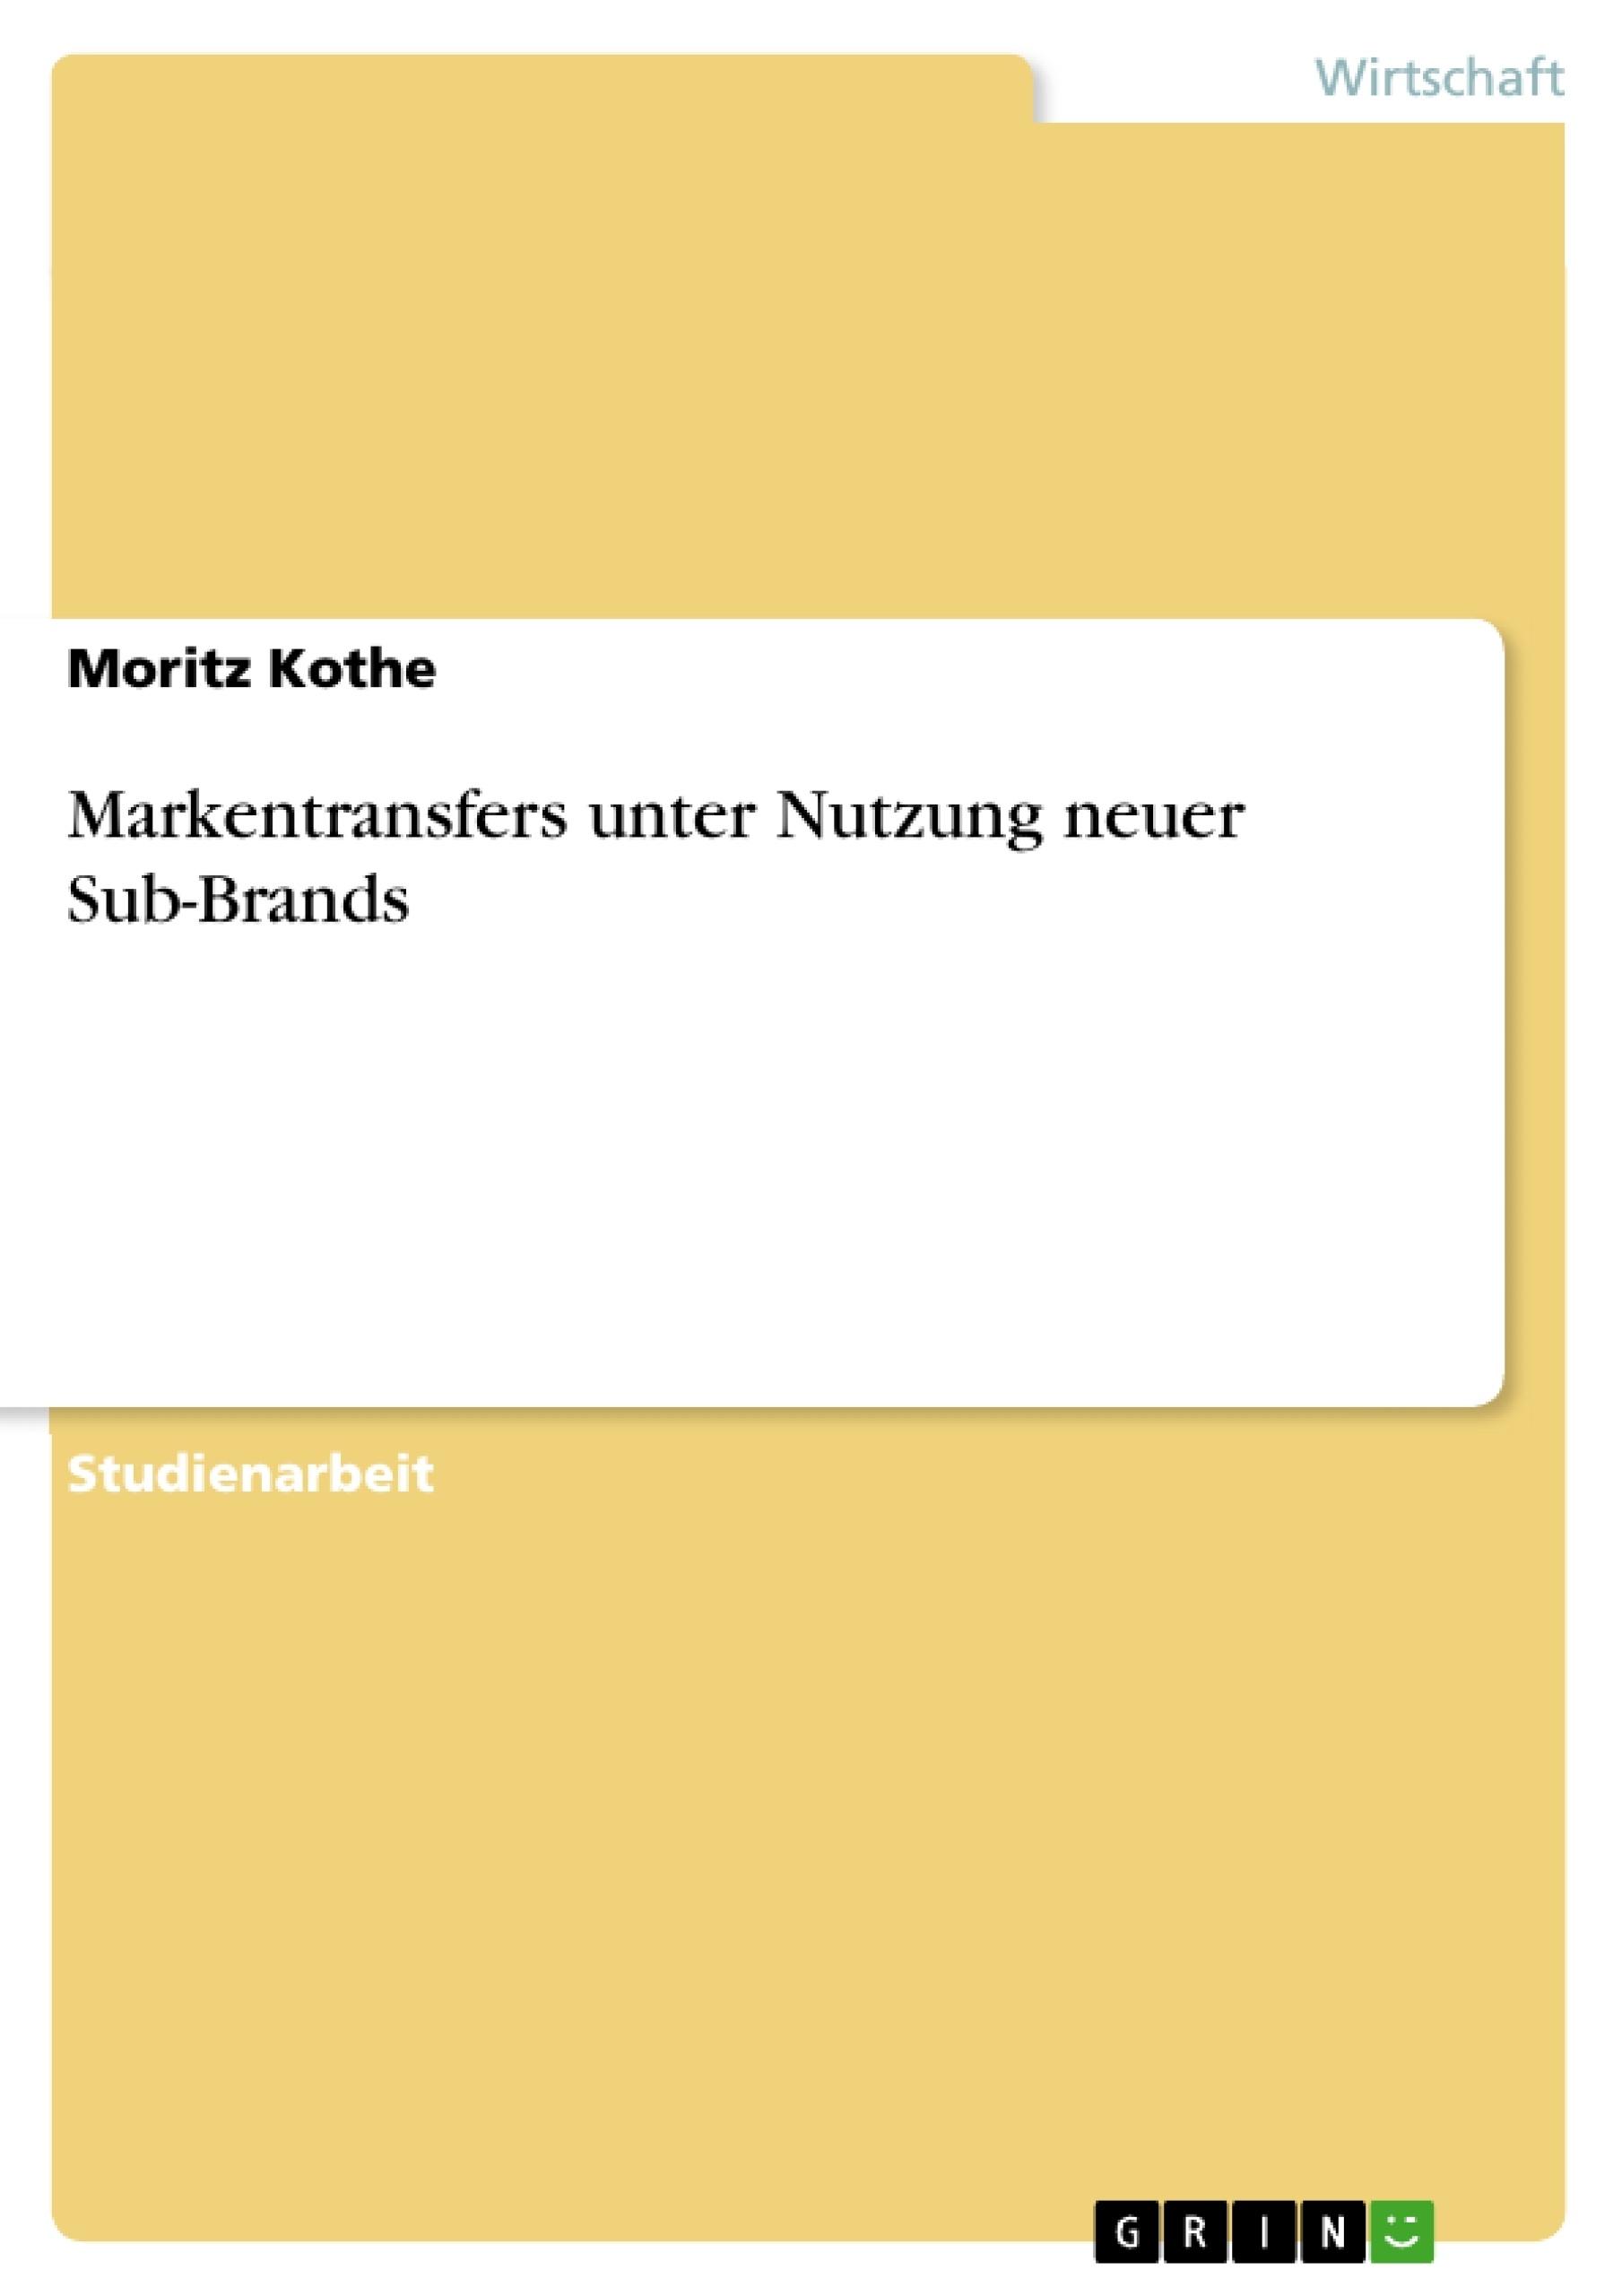 Titel: Markentransfers unter Nutzung neuer Sub-Brands